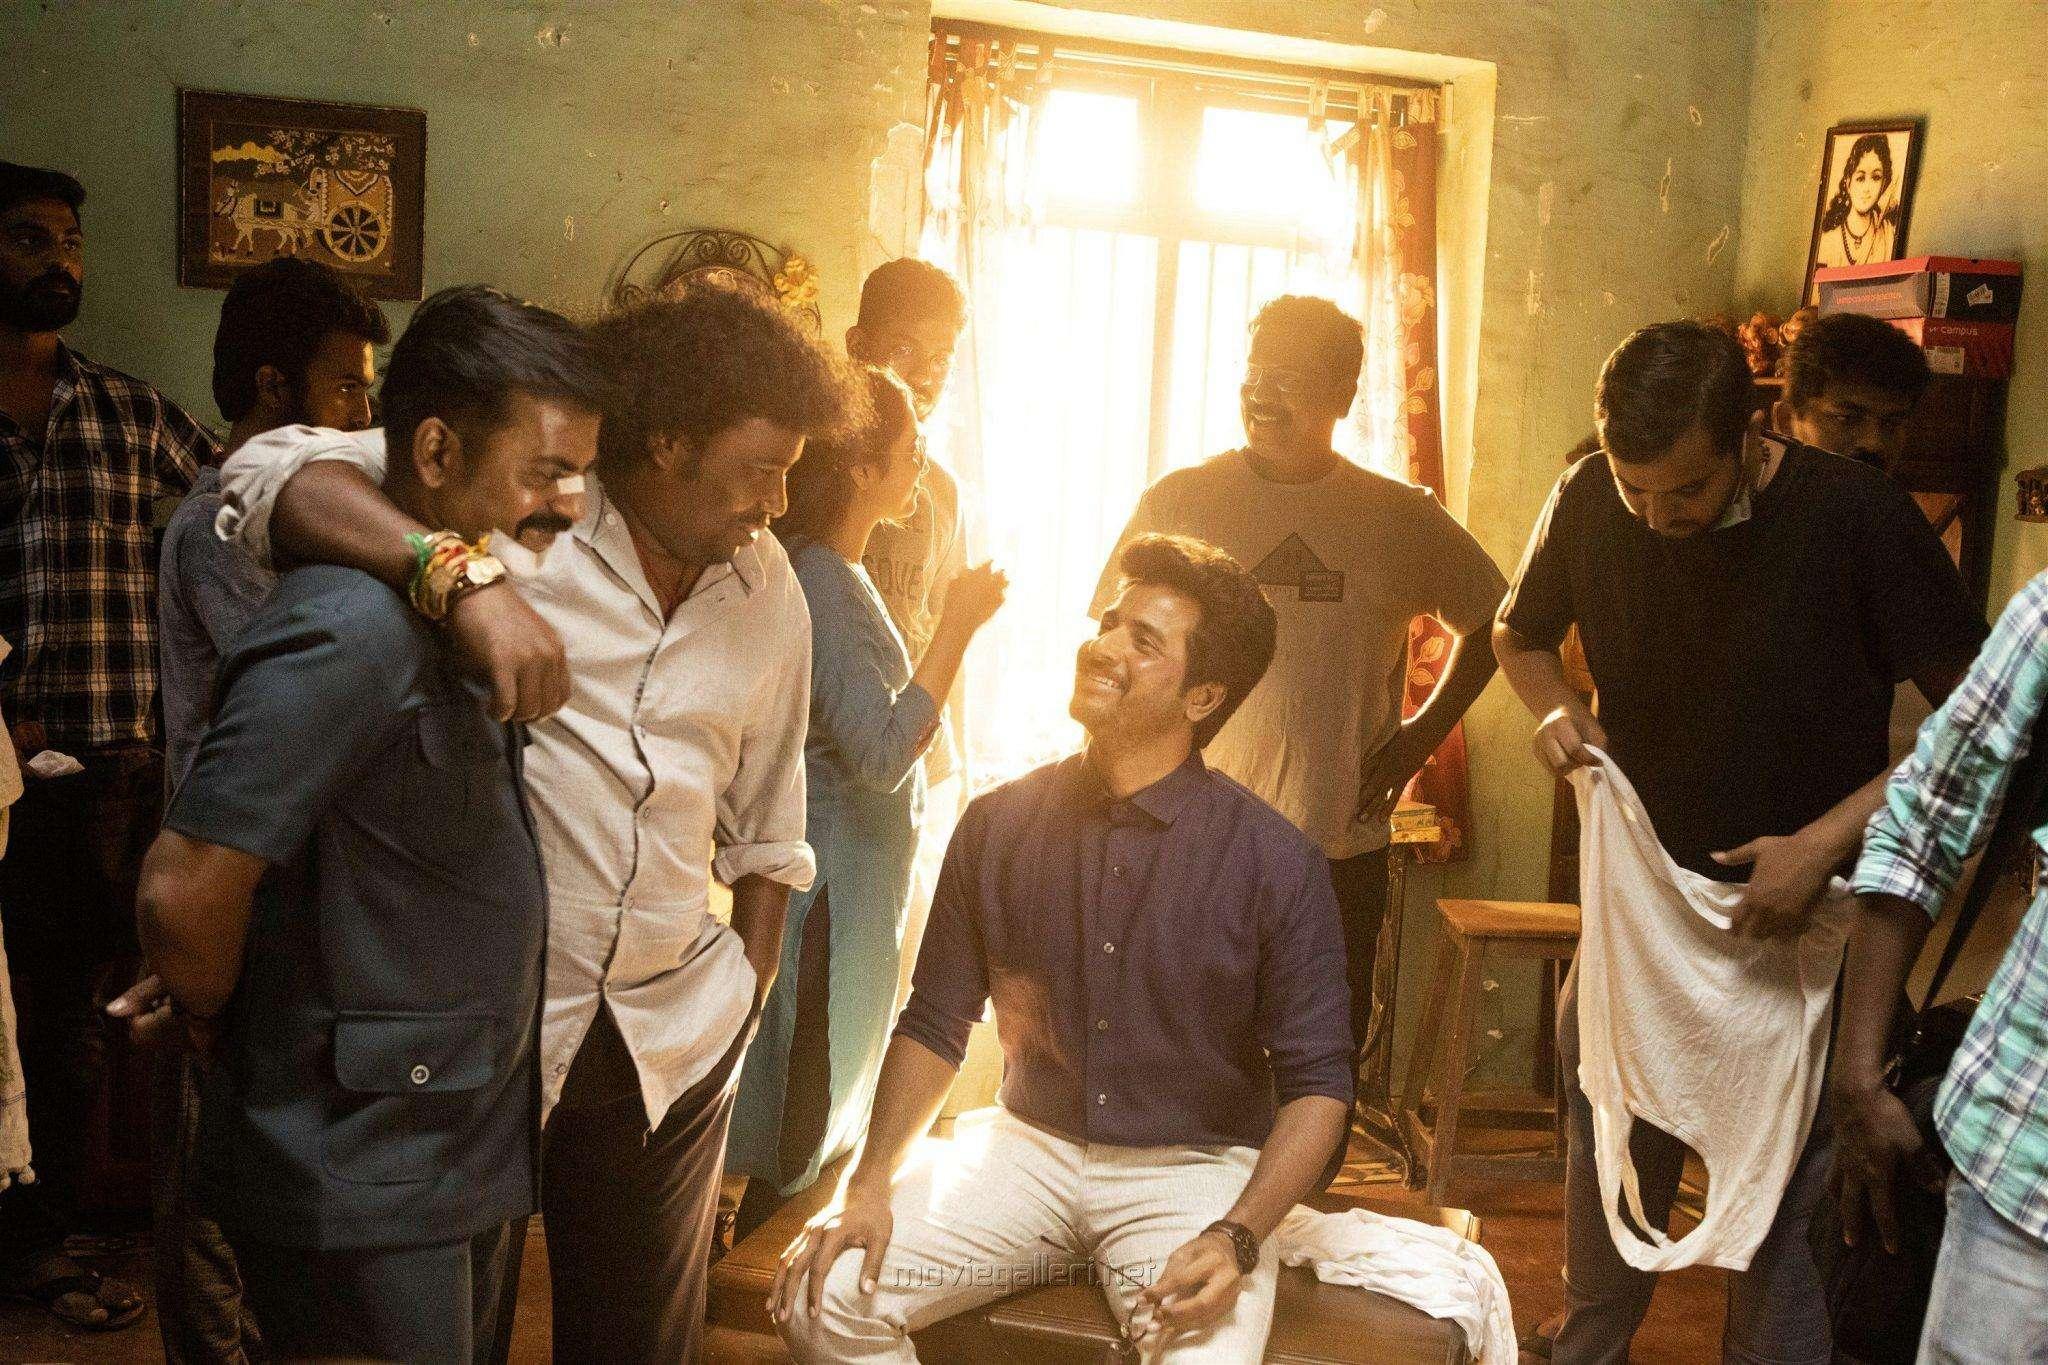 விஜய்-காக காத்திருக்கும் 'டாக்டர்'…. சிவகார்த்திகேயனின் ஸ்பெஷல் ட்ரீட்